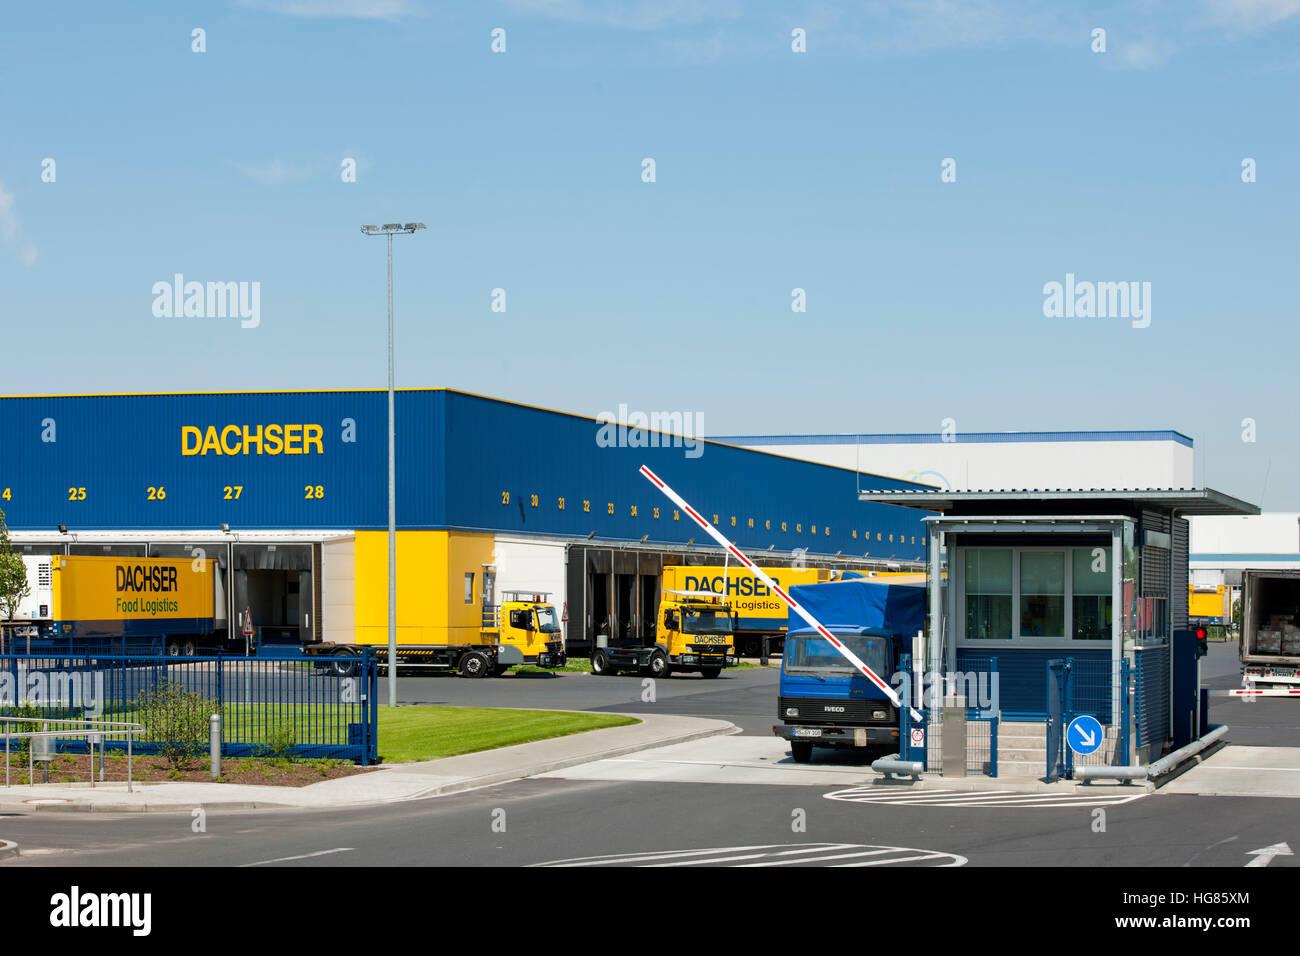 Deutschland, NRW, Städteregion Aachen, Alsdorf-Schaufenberg, Logistik-Unternehmen Dachser - Stock Image